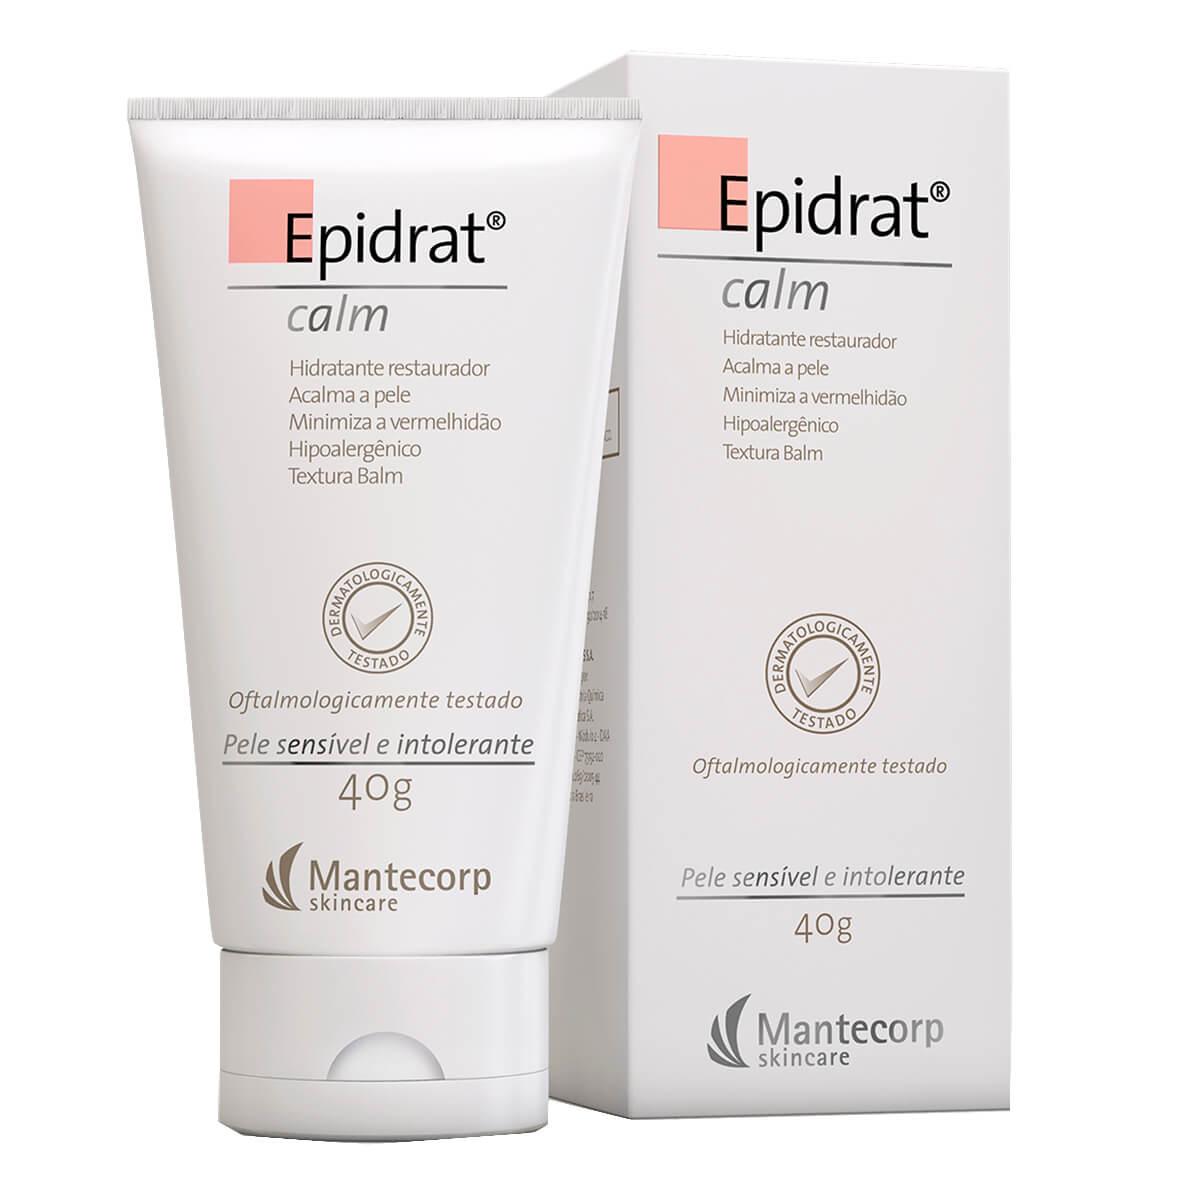 Hidratante Facial Epidrat Calm Pele Sensível com 40g 40g